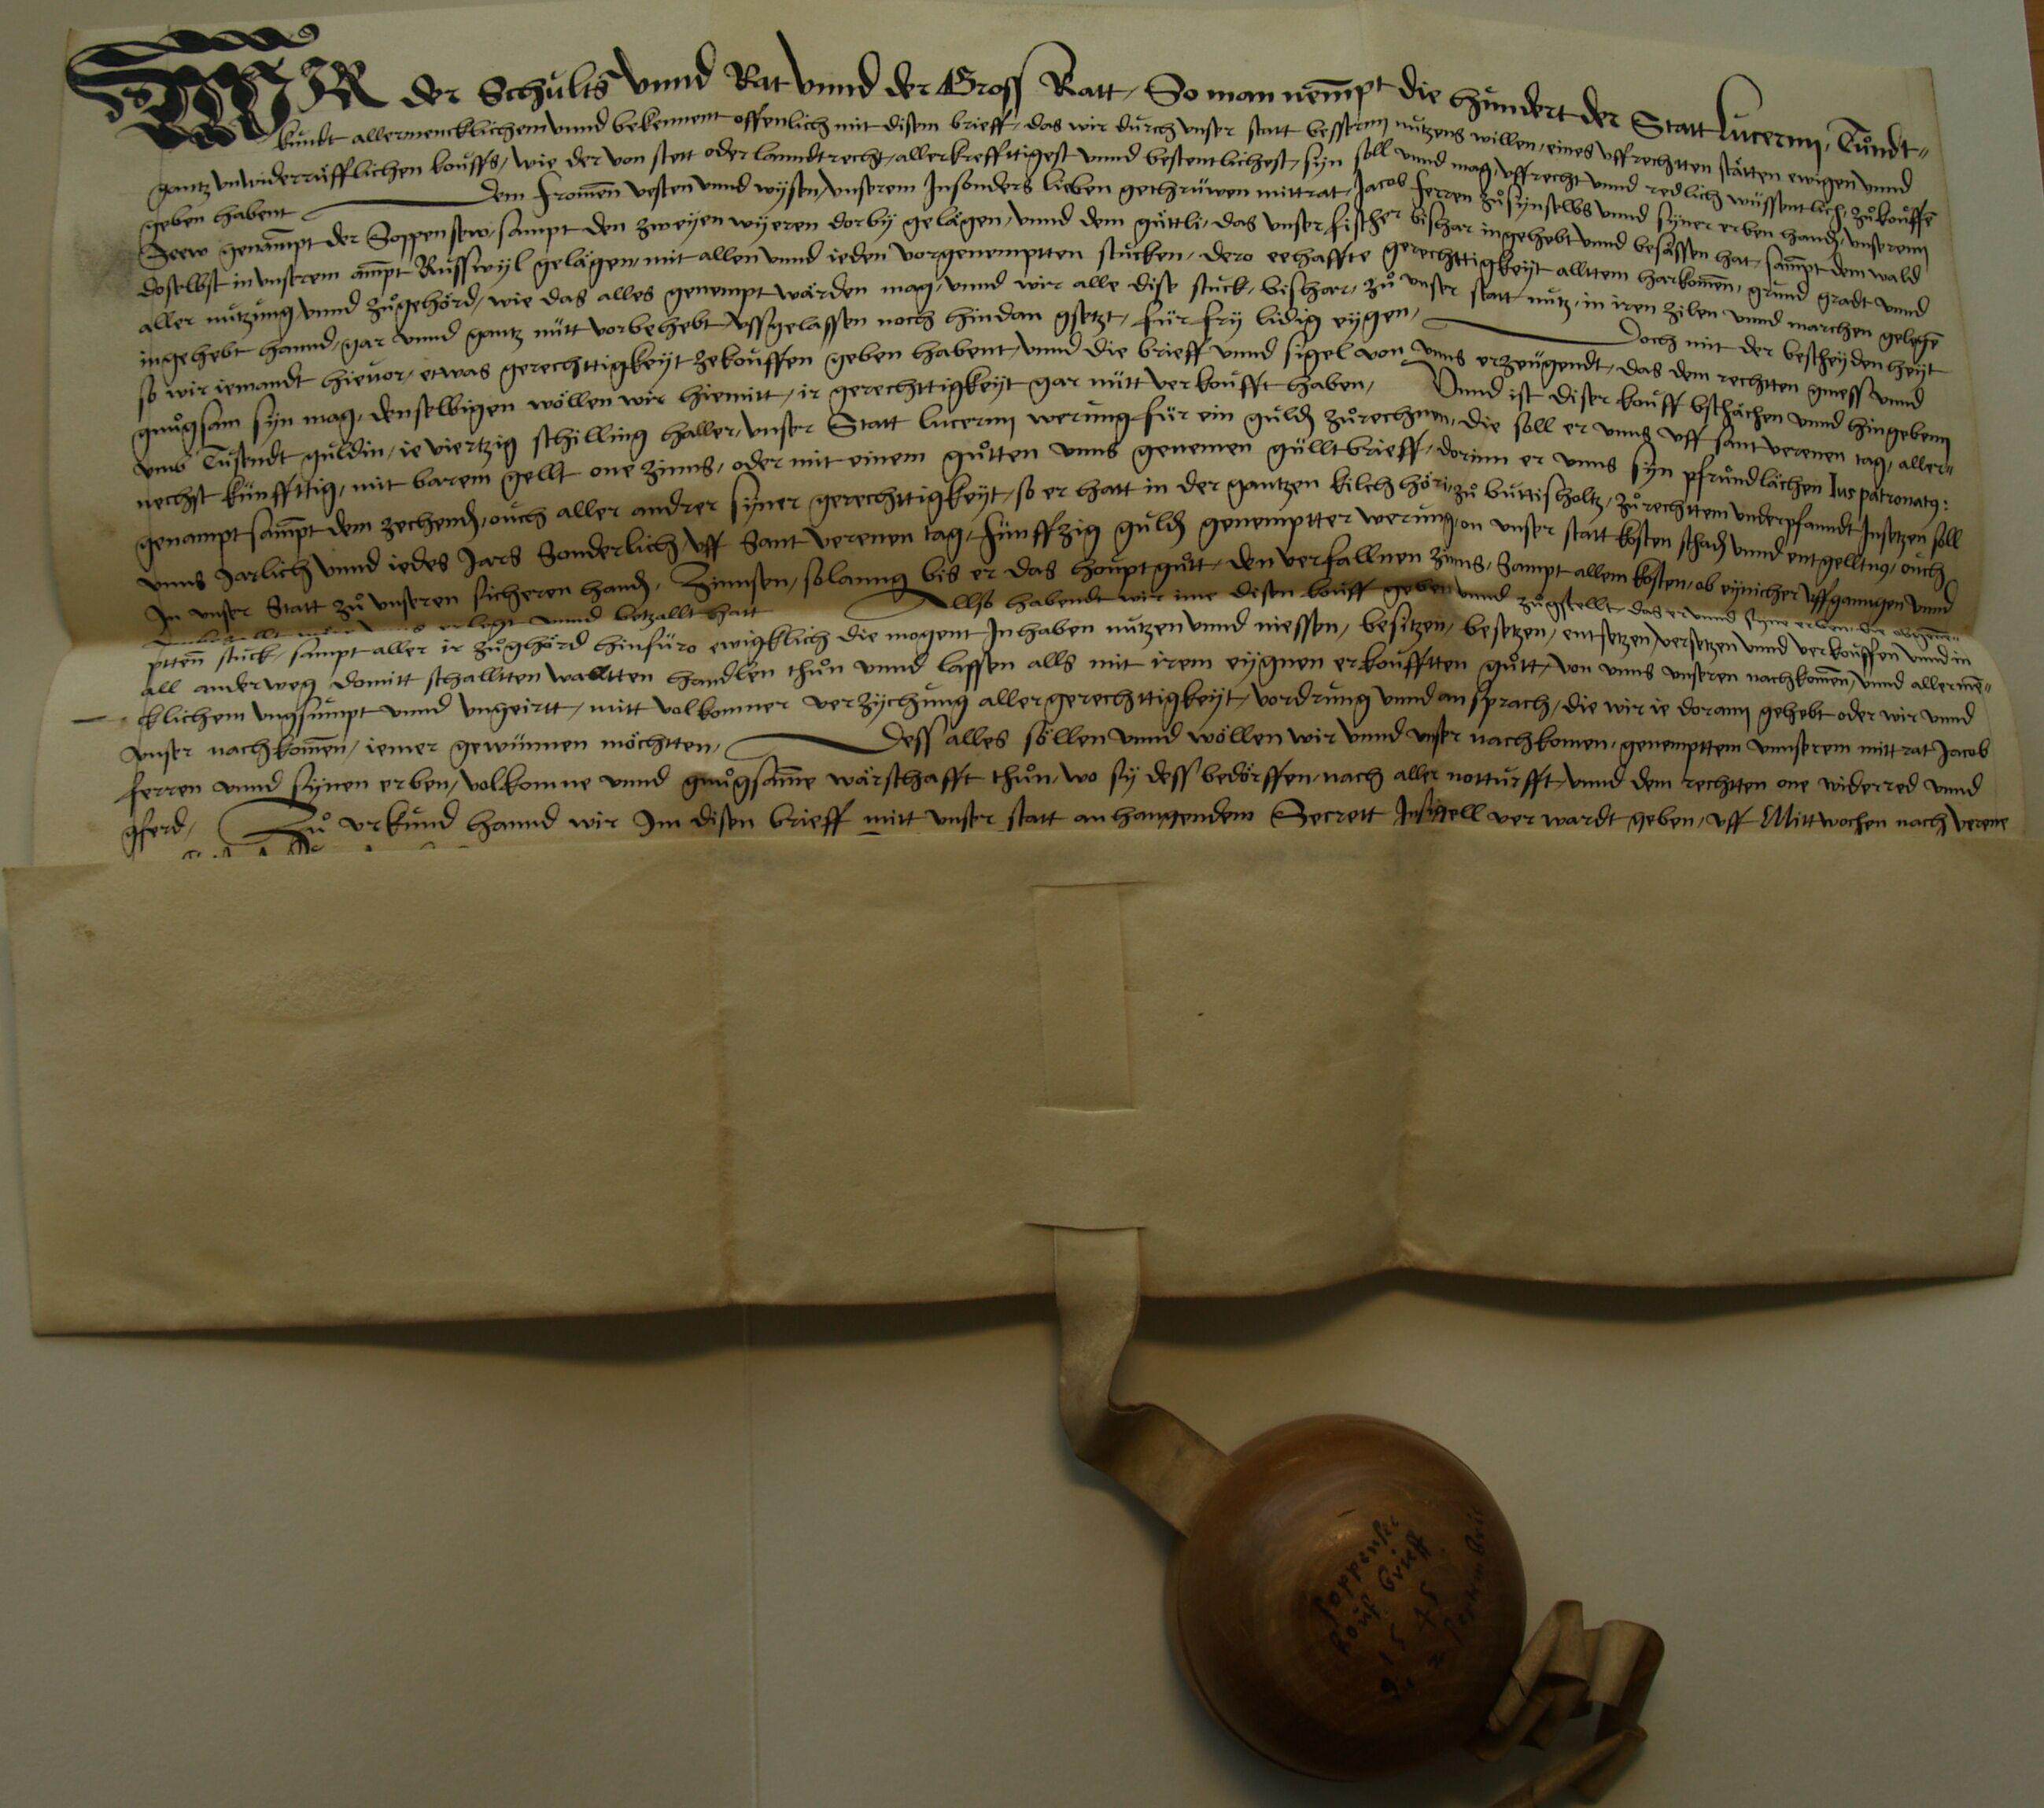 Soppensee und Soppenseewald 1545